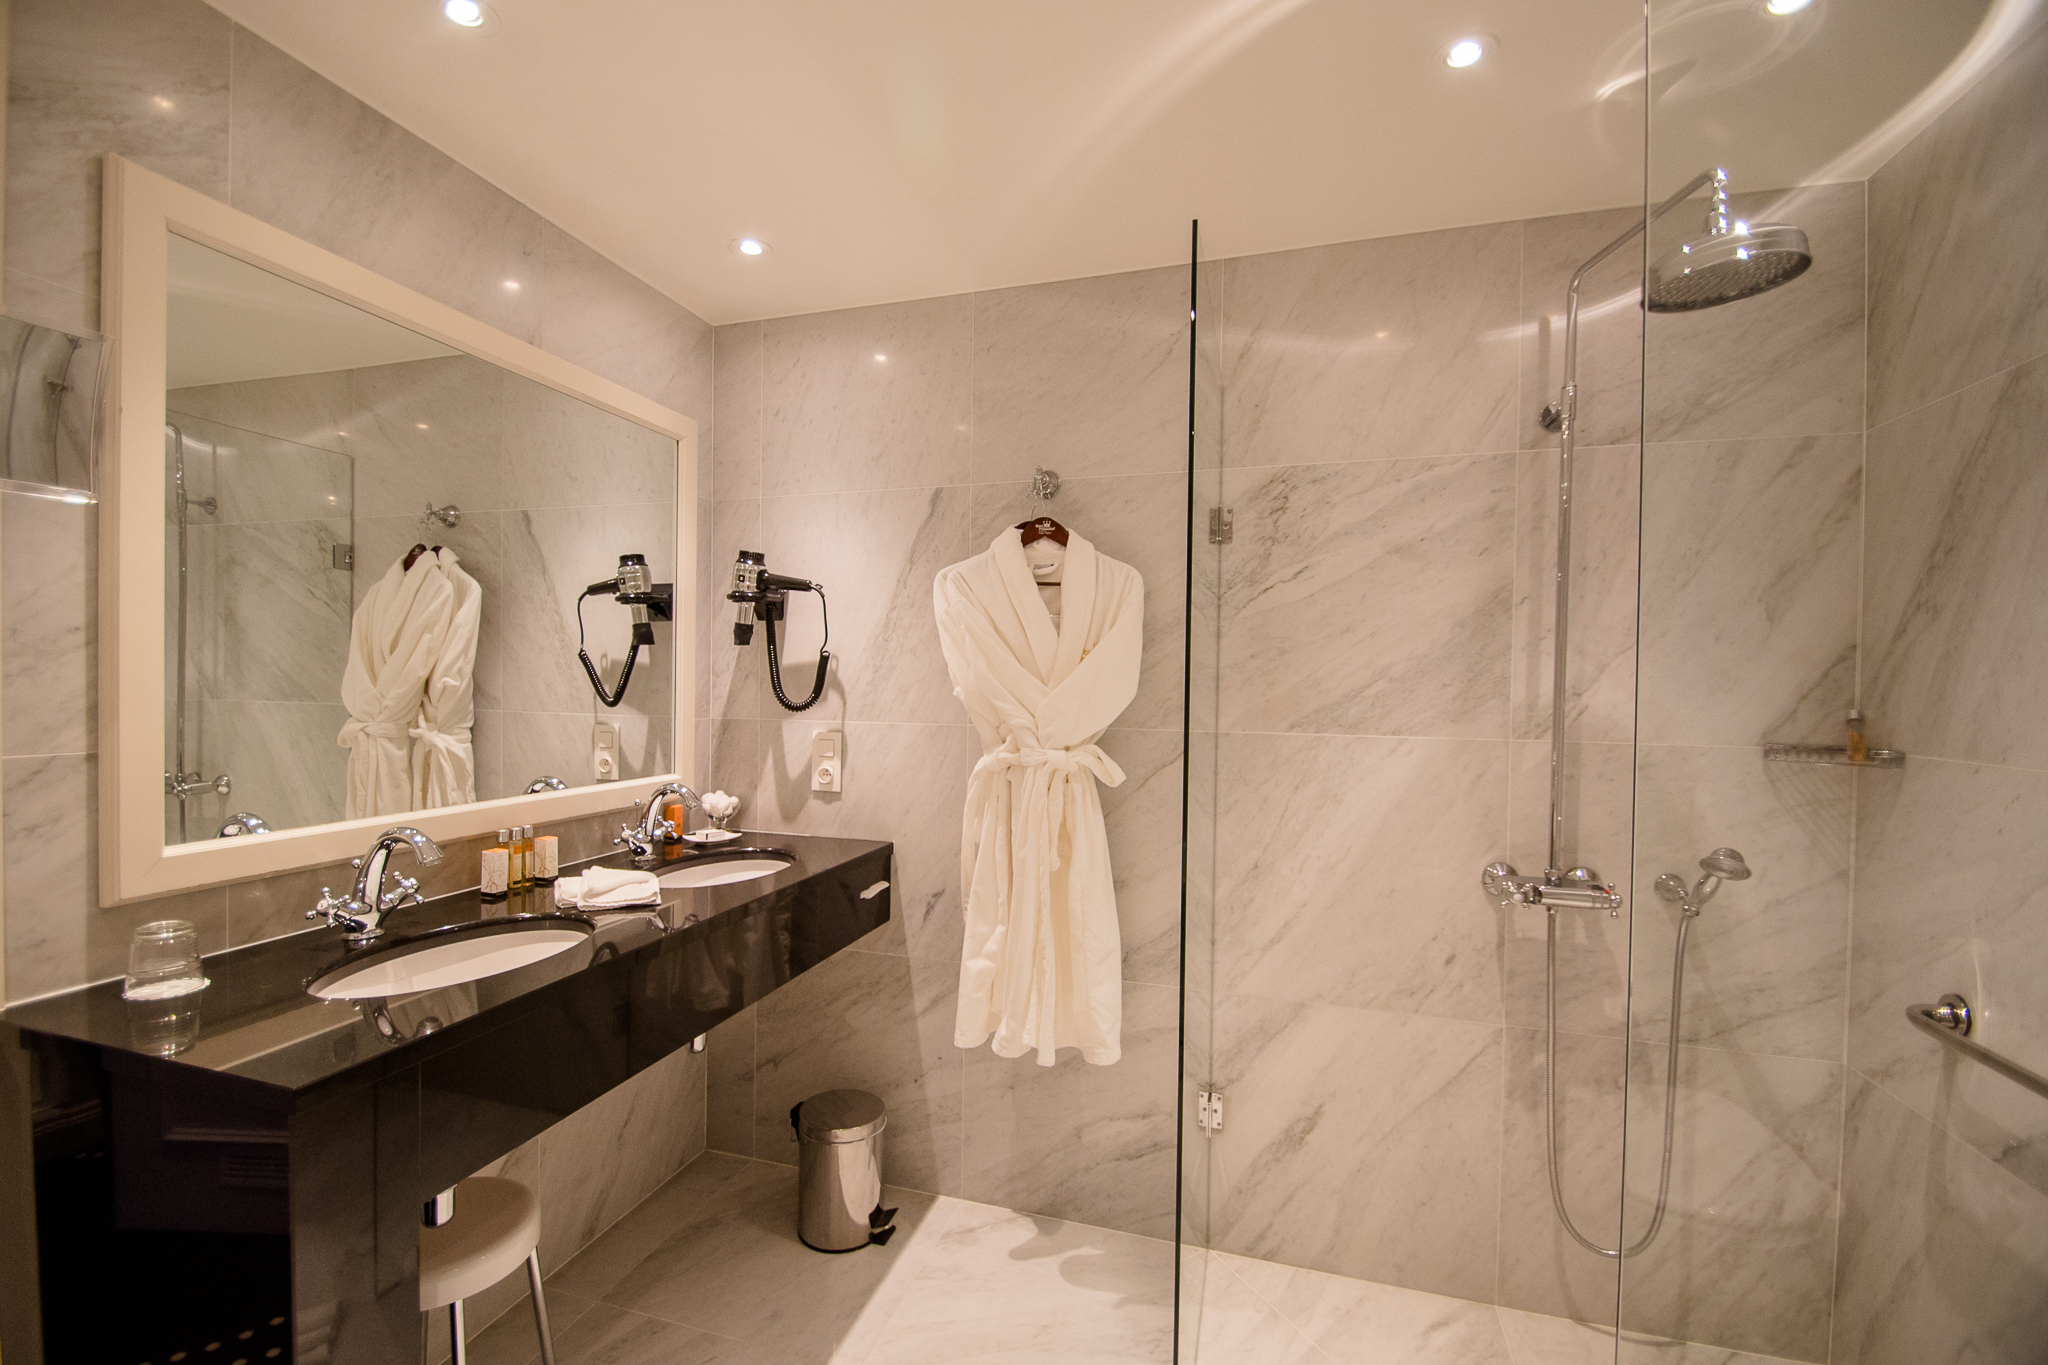 Badkamer Sanitair Brugge : Gheleyns vloeren faiencen badkamers brugge